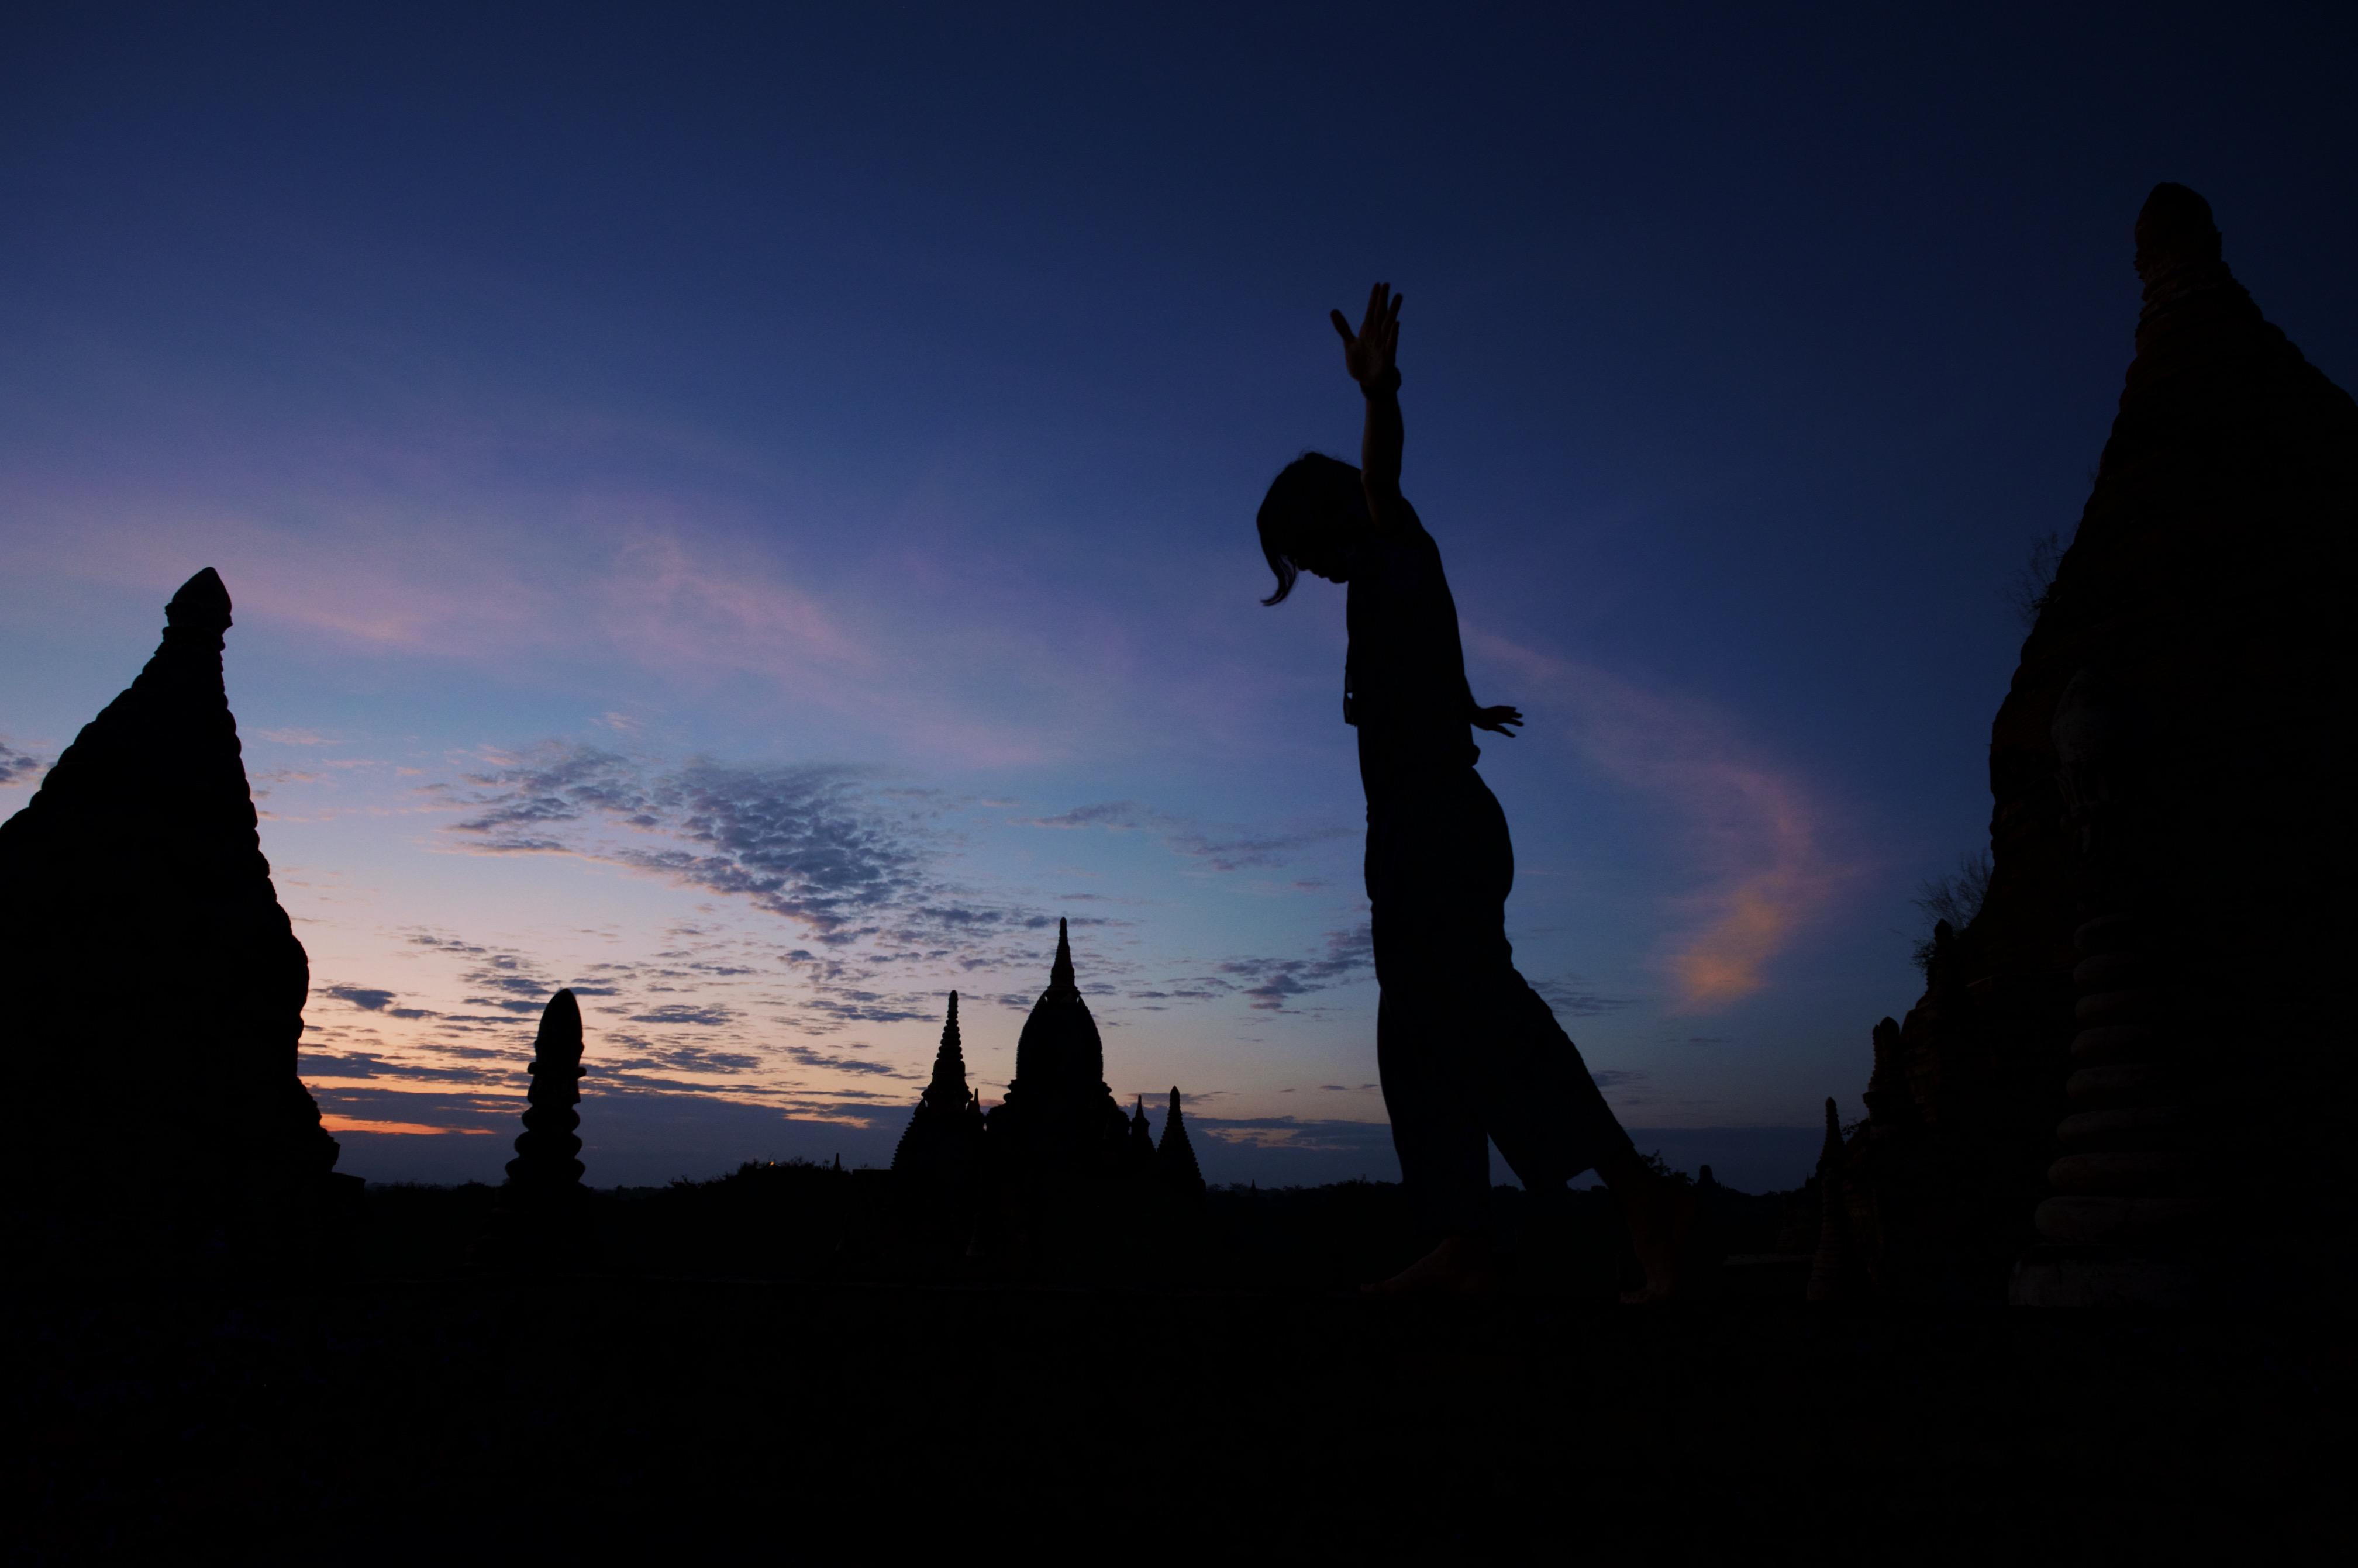 深く沈んだ空が、淡く染まり始めるまで【ミャンマー旅行記①】